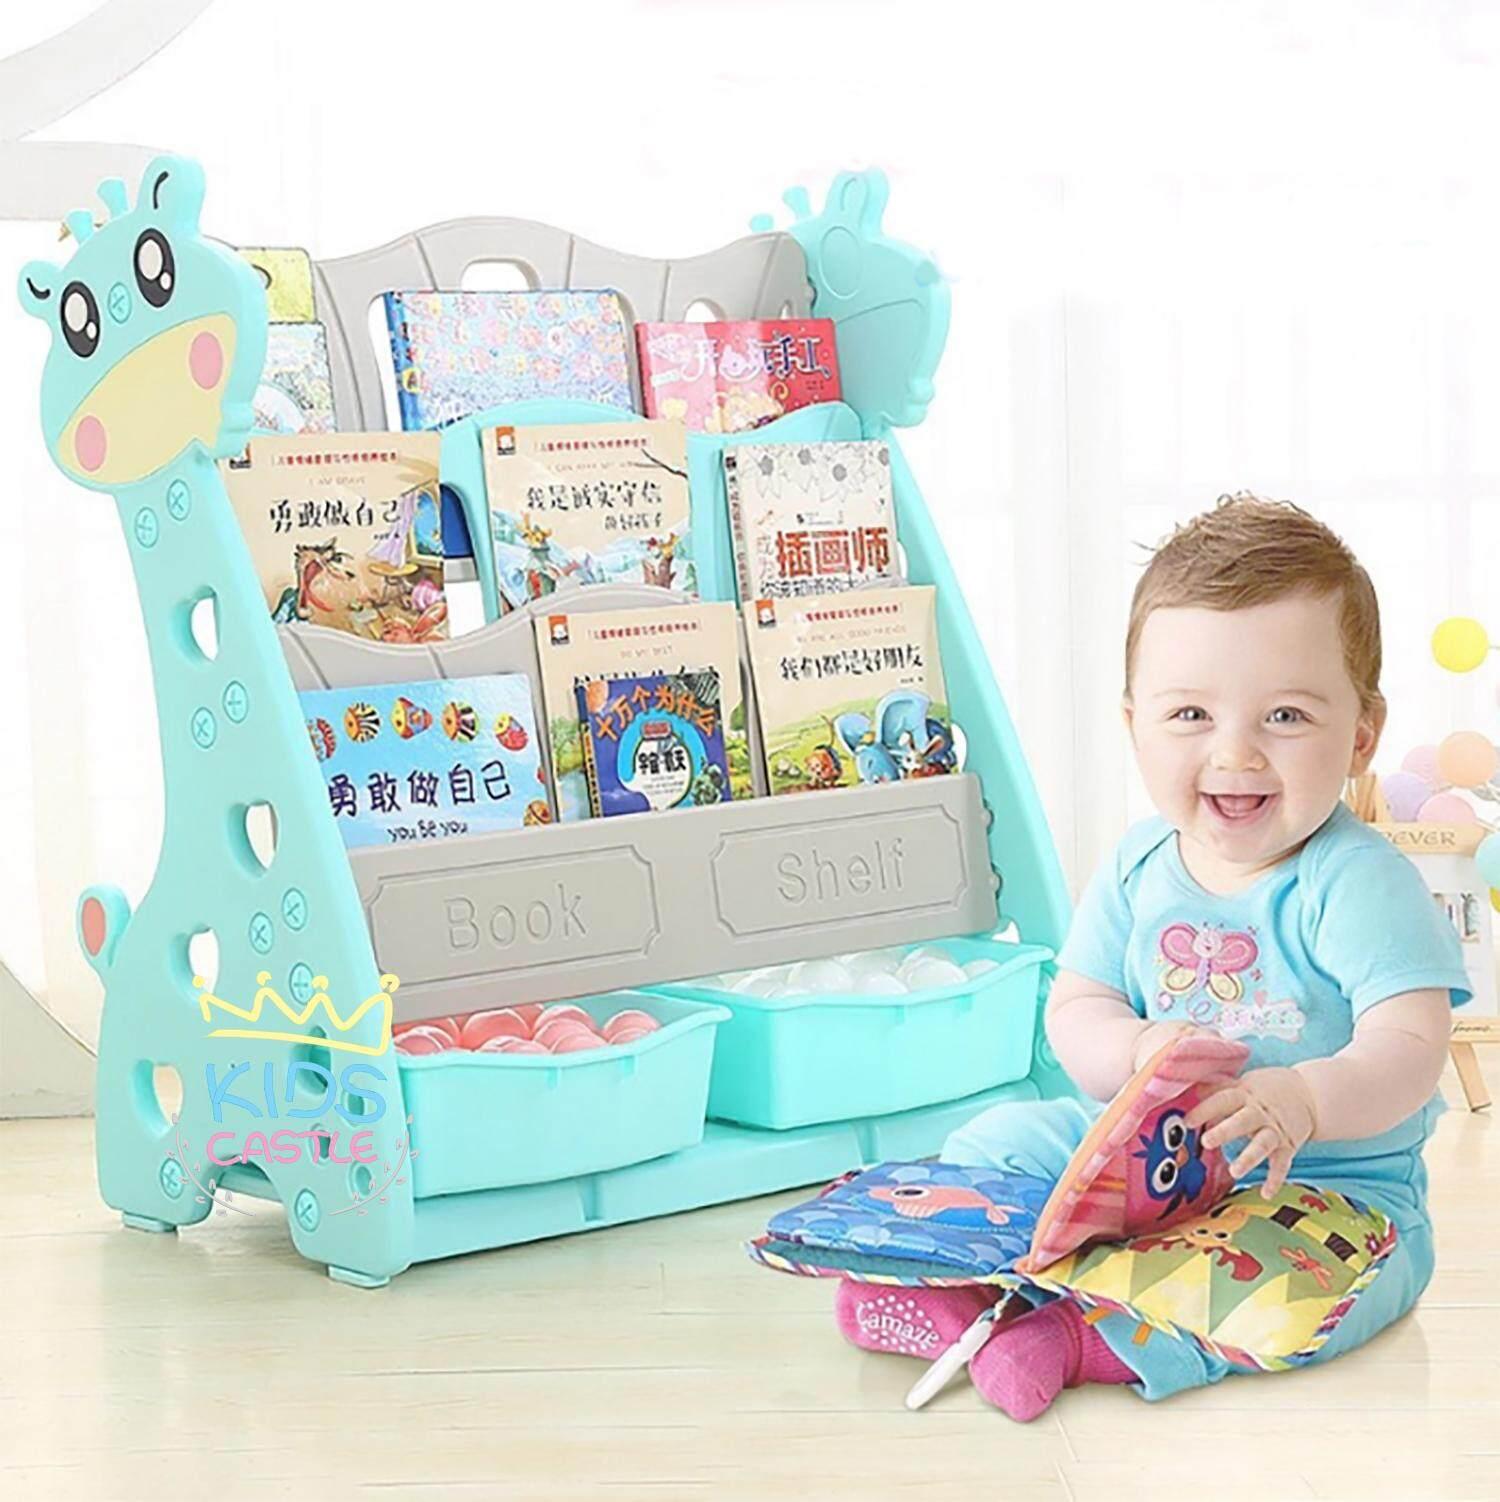 Kids castle ชั้นวางหนังสือยีราฟน่ารัก แบบมีกล่องใส่ของด้านล่าง